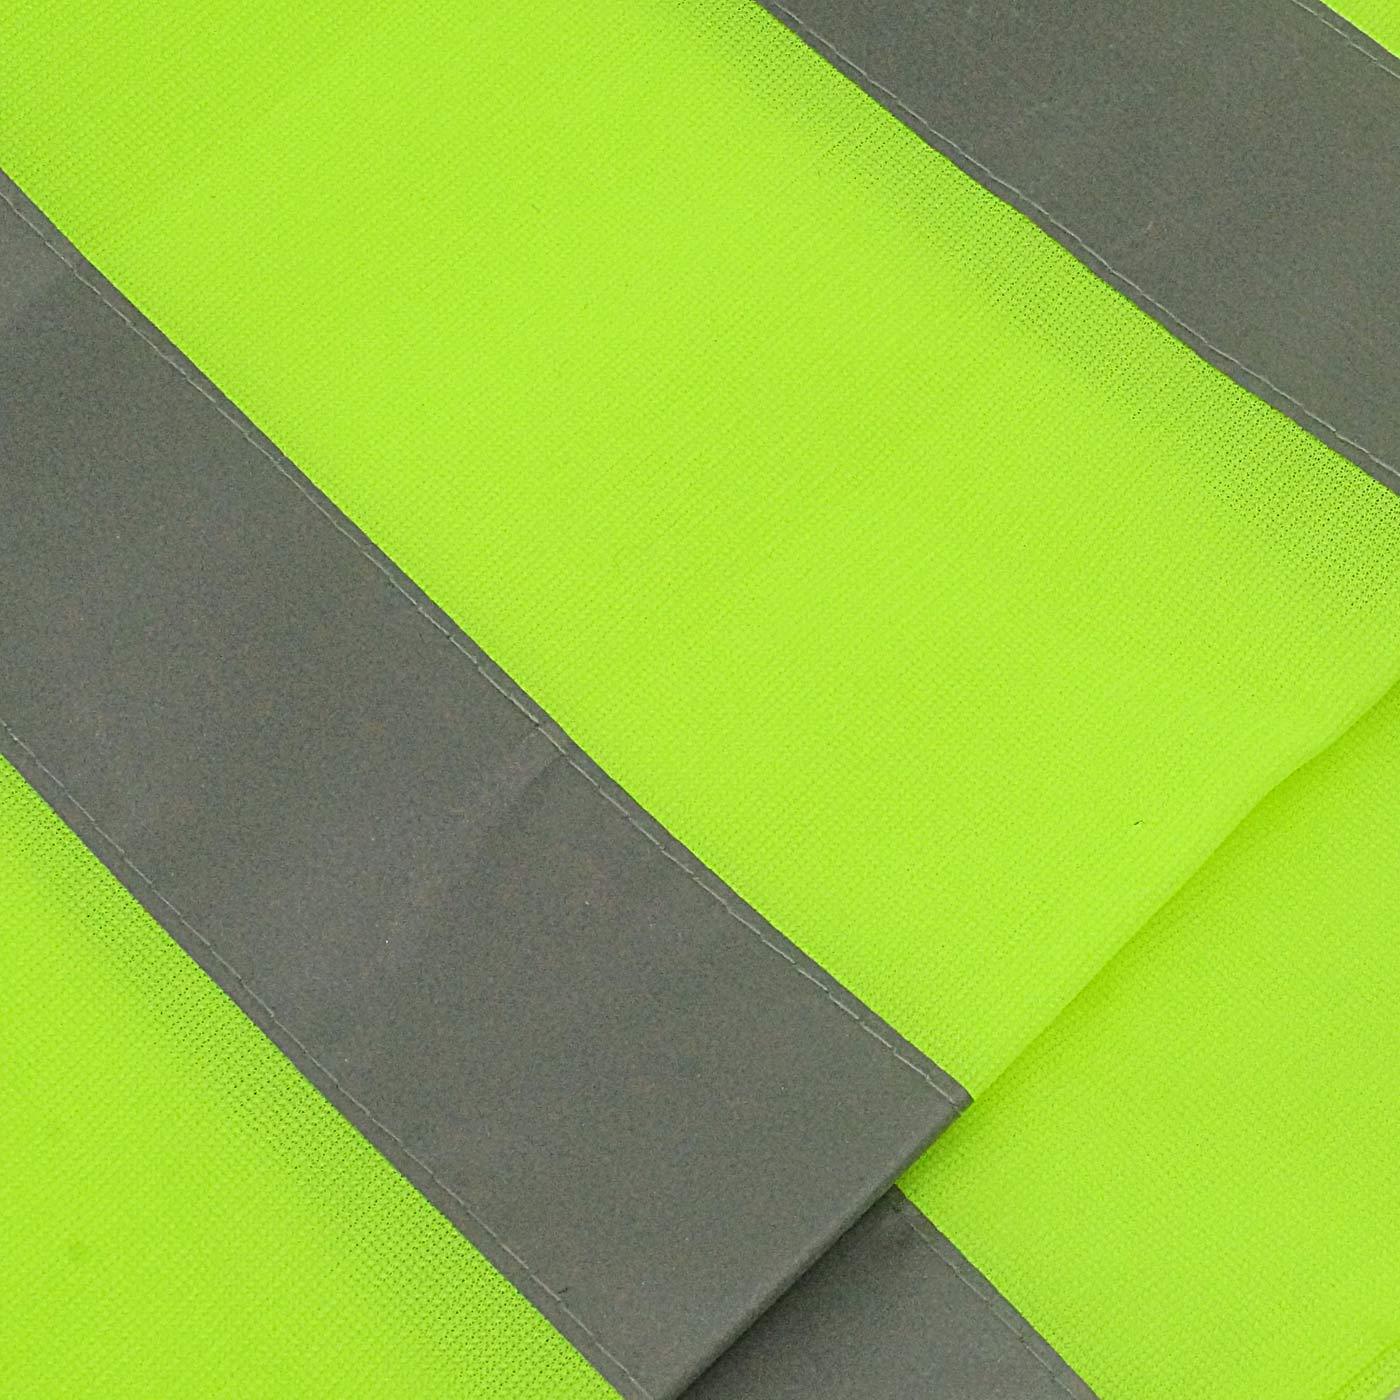 AIEOE 10 St/ück Erwachsener Reflektorweste Warnweste Klettverschluss Sicherheitsweste f/ür Fabrik Joggen Bauen Radfahren